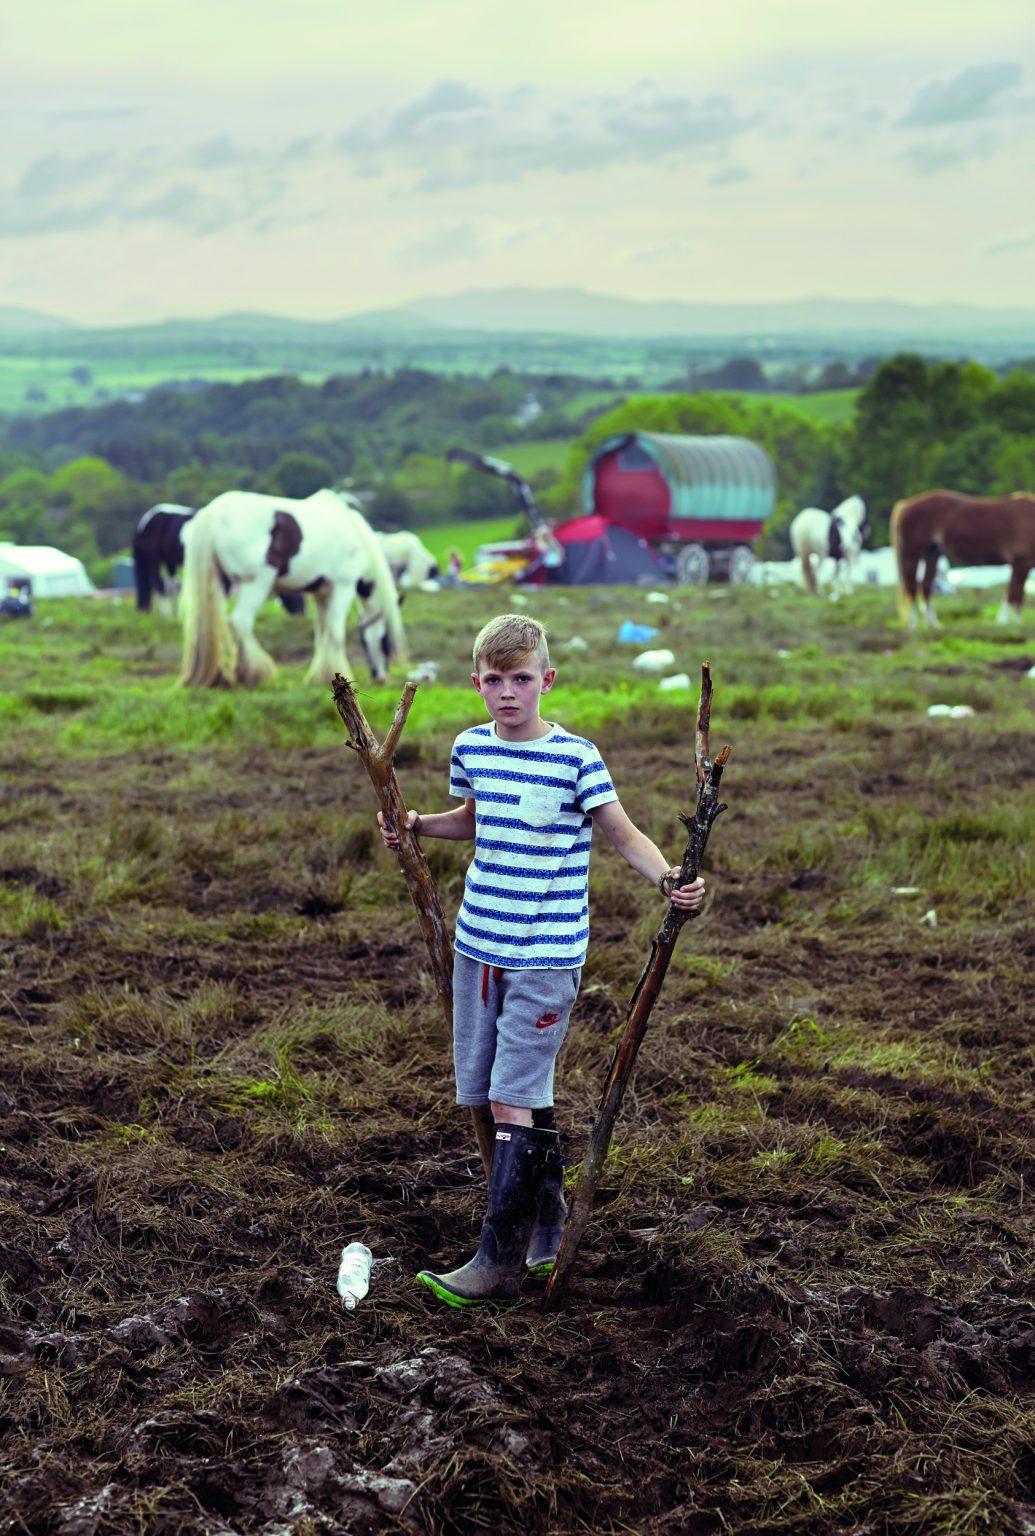 Appleby, United Kingdom, June 2014 - Appleby Horse Fair. Ken in a field. ><  Appleby, Regno Unito, giugno 2014 - Appleby Horse Fair. Ken in un campo. *** Local Caption ***